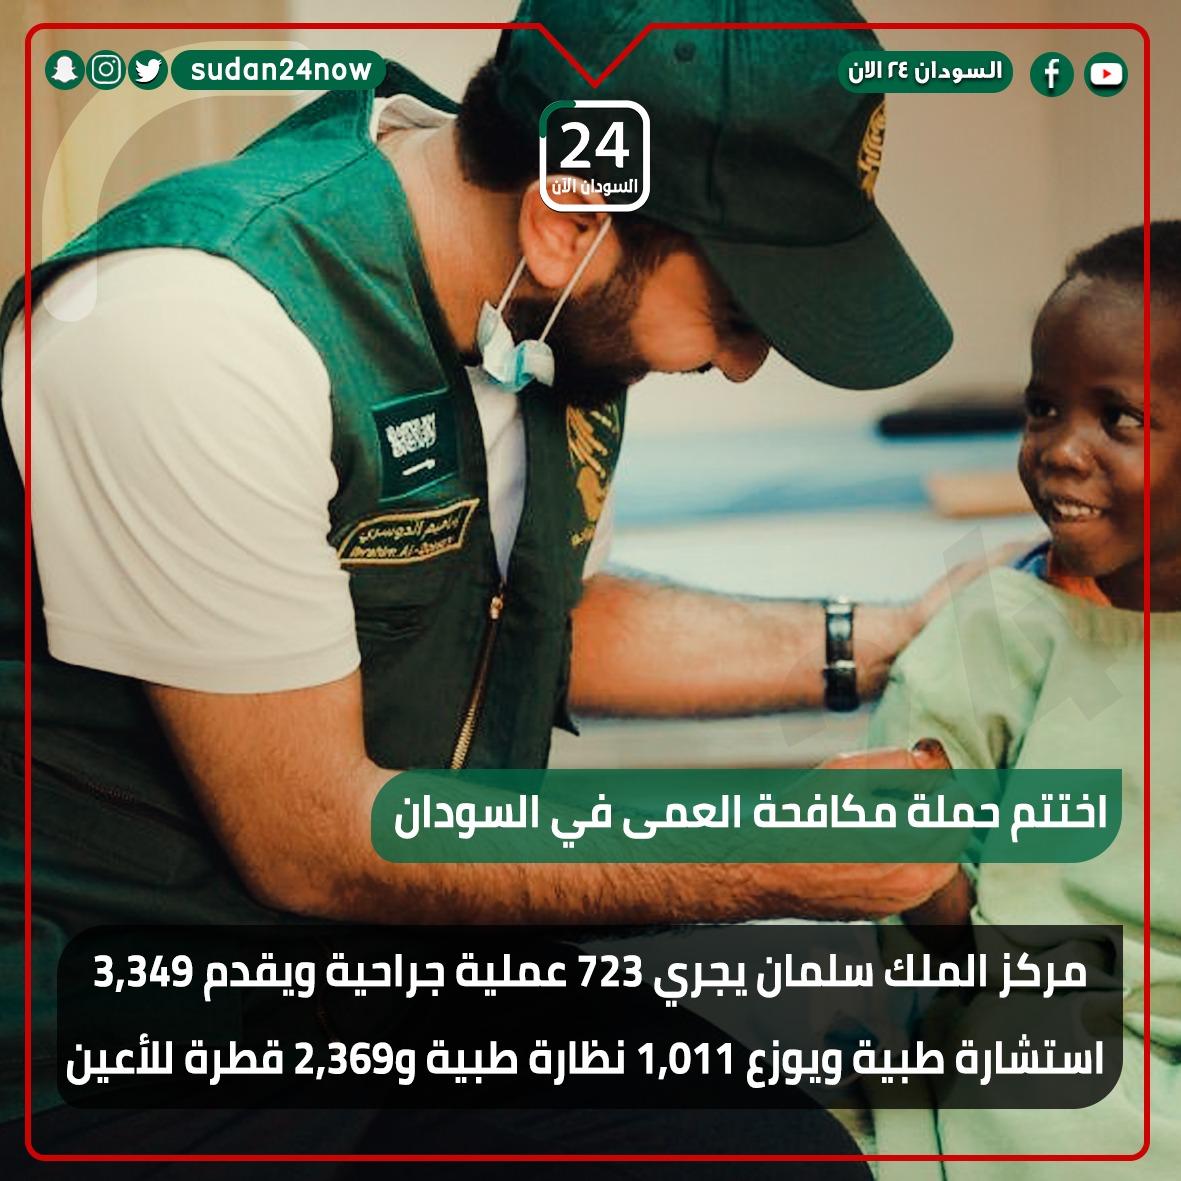 #مركز_الملك_سلمان_للإغاثة يختتم حملة مكافحة العمى في #السودان.